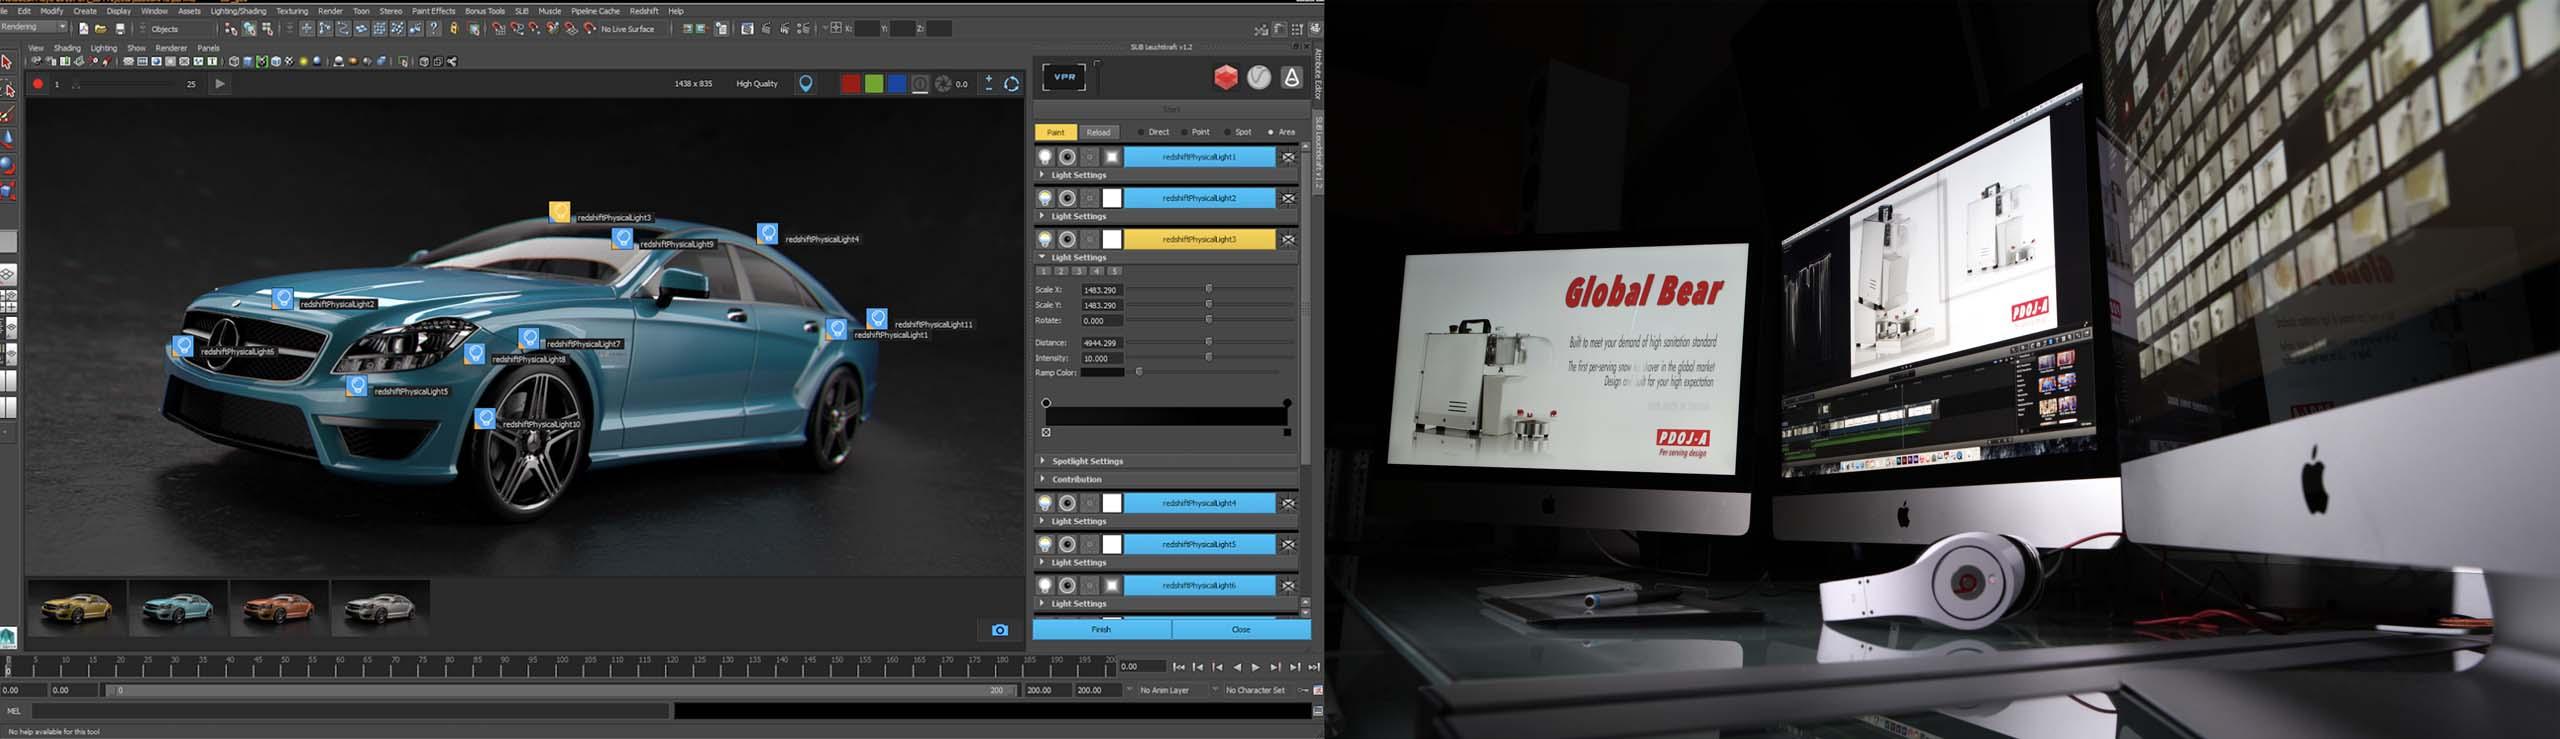 全虹用最新好萊塢軟硬體技術可為客戶打造出全4K畫質廣告影片